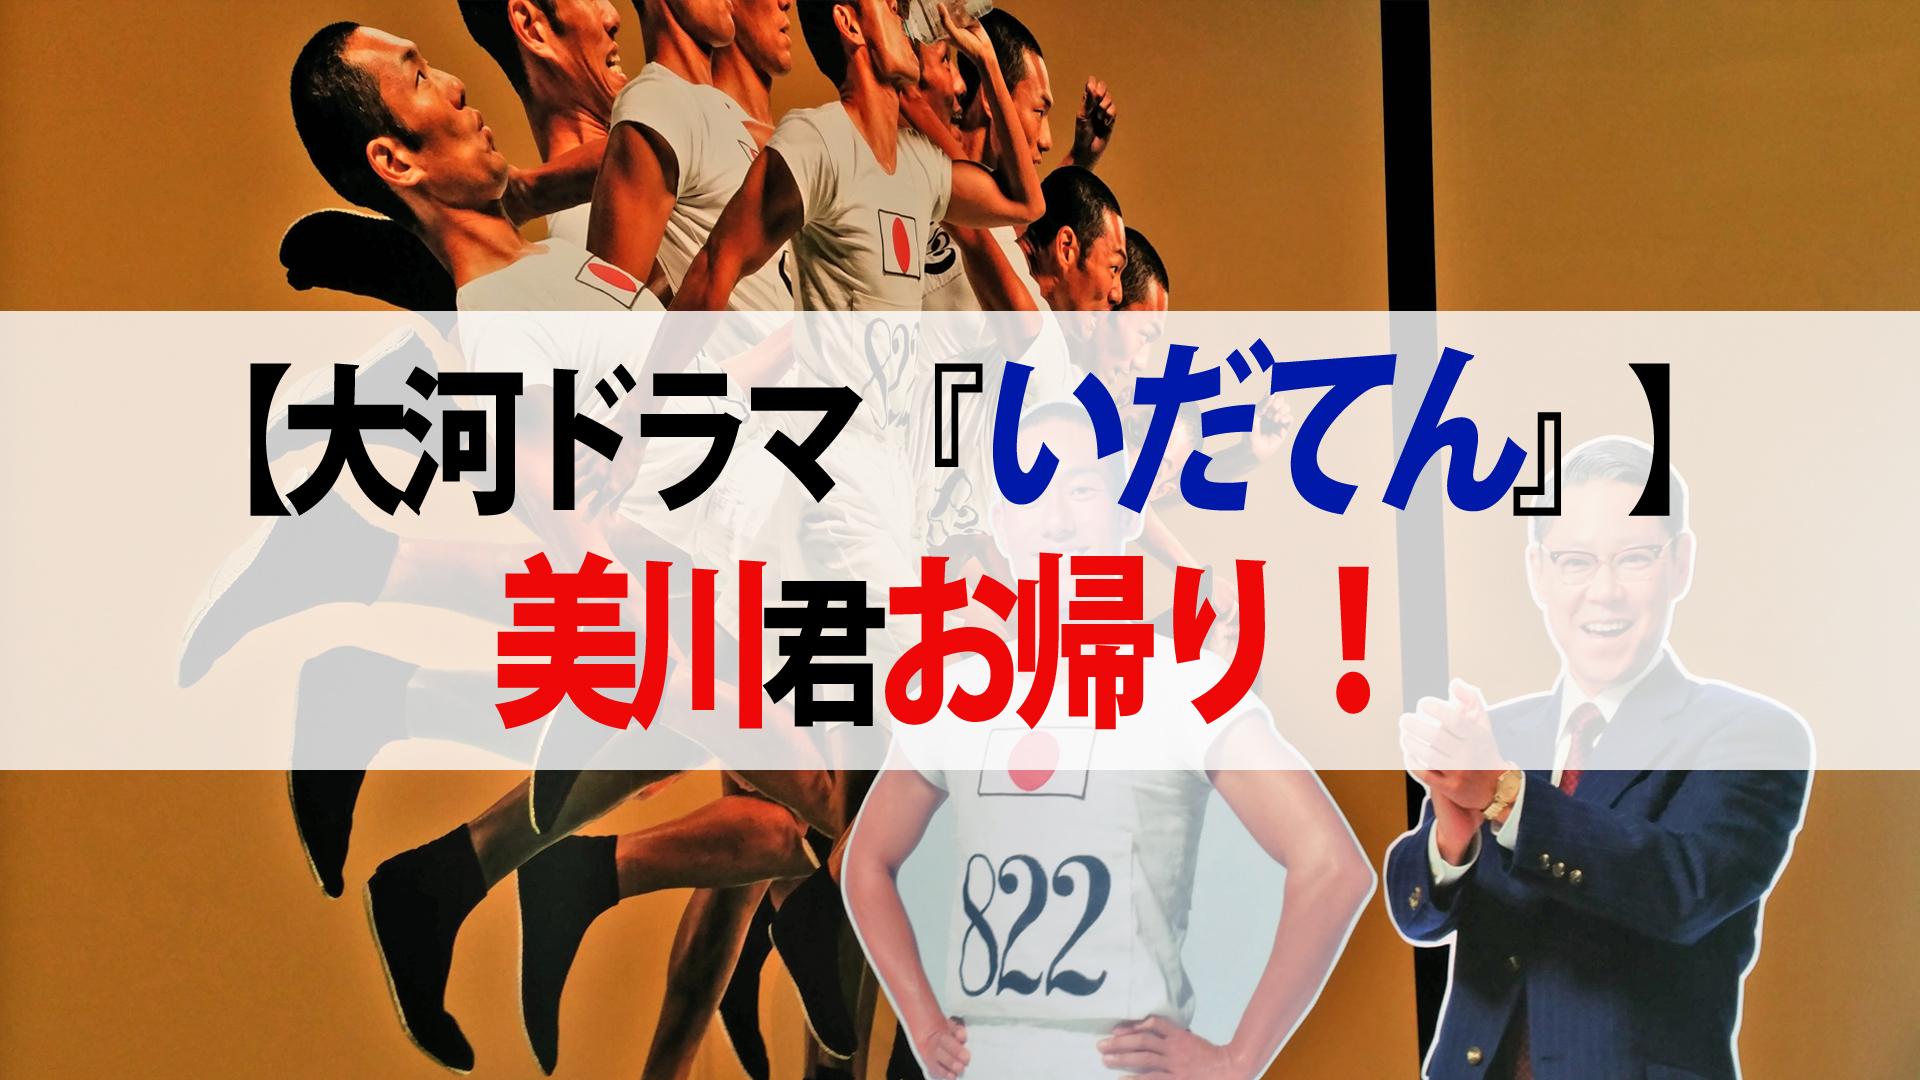 【いだてん『仁義なき戦い』】『美川君お帰り!』『お願いムッソリーニ』『政治の道具』第33回への反響まとめ